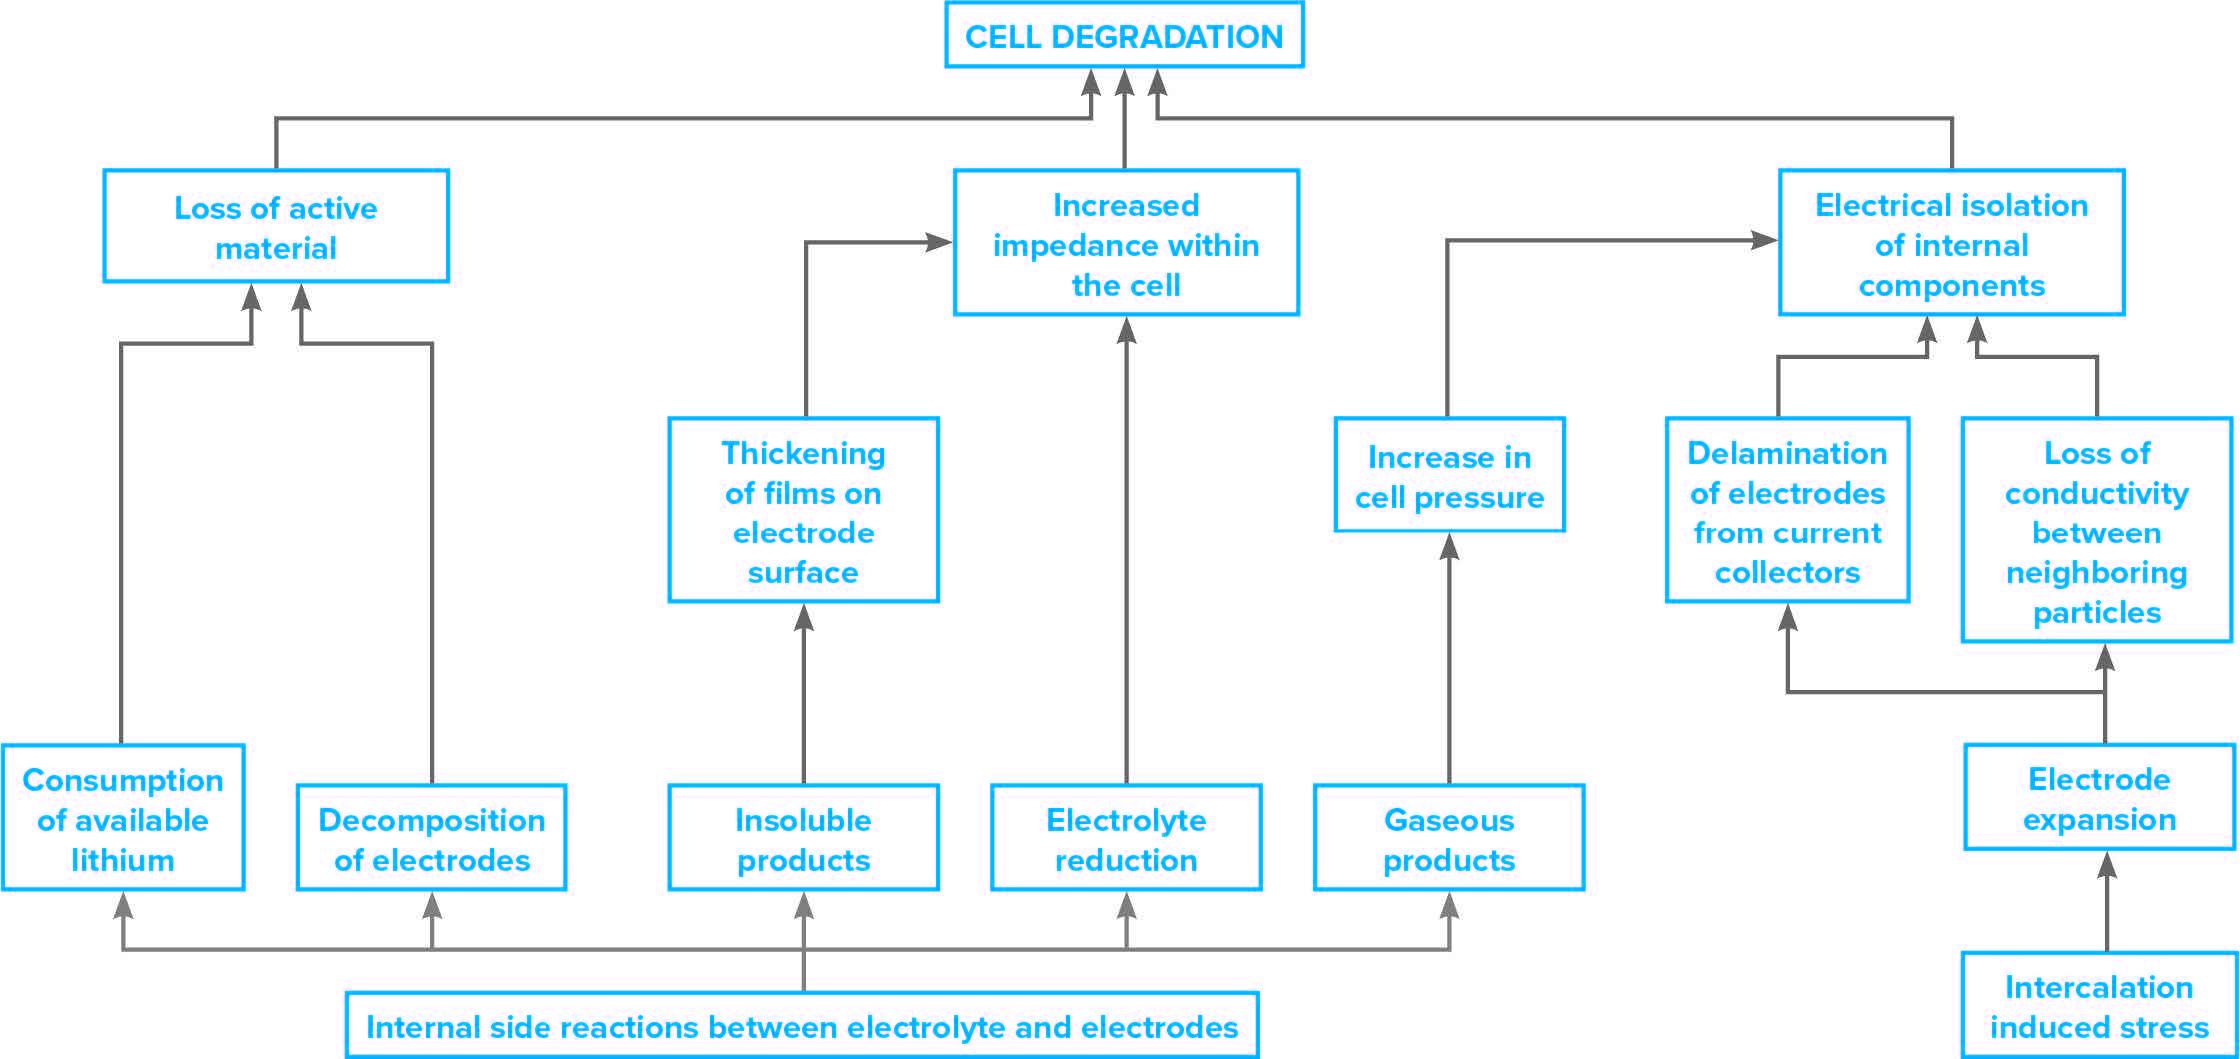 電池特性評価プロジェクトにおける電池セルの劣化をもたらすメカニズムの進行